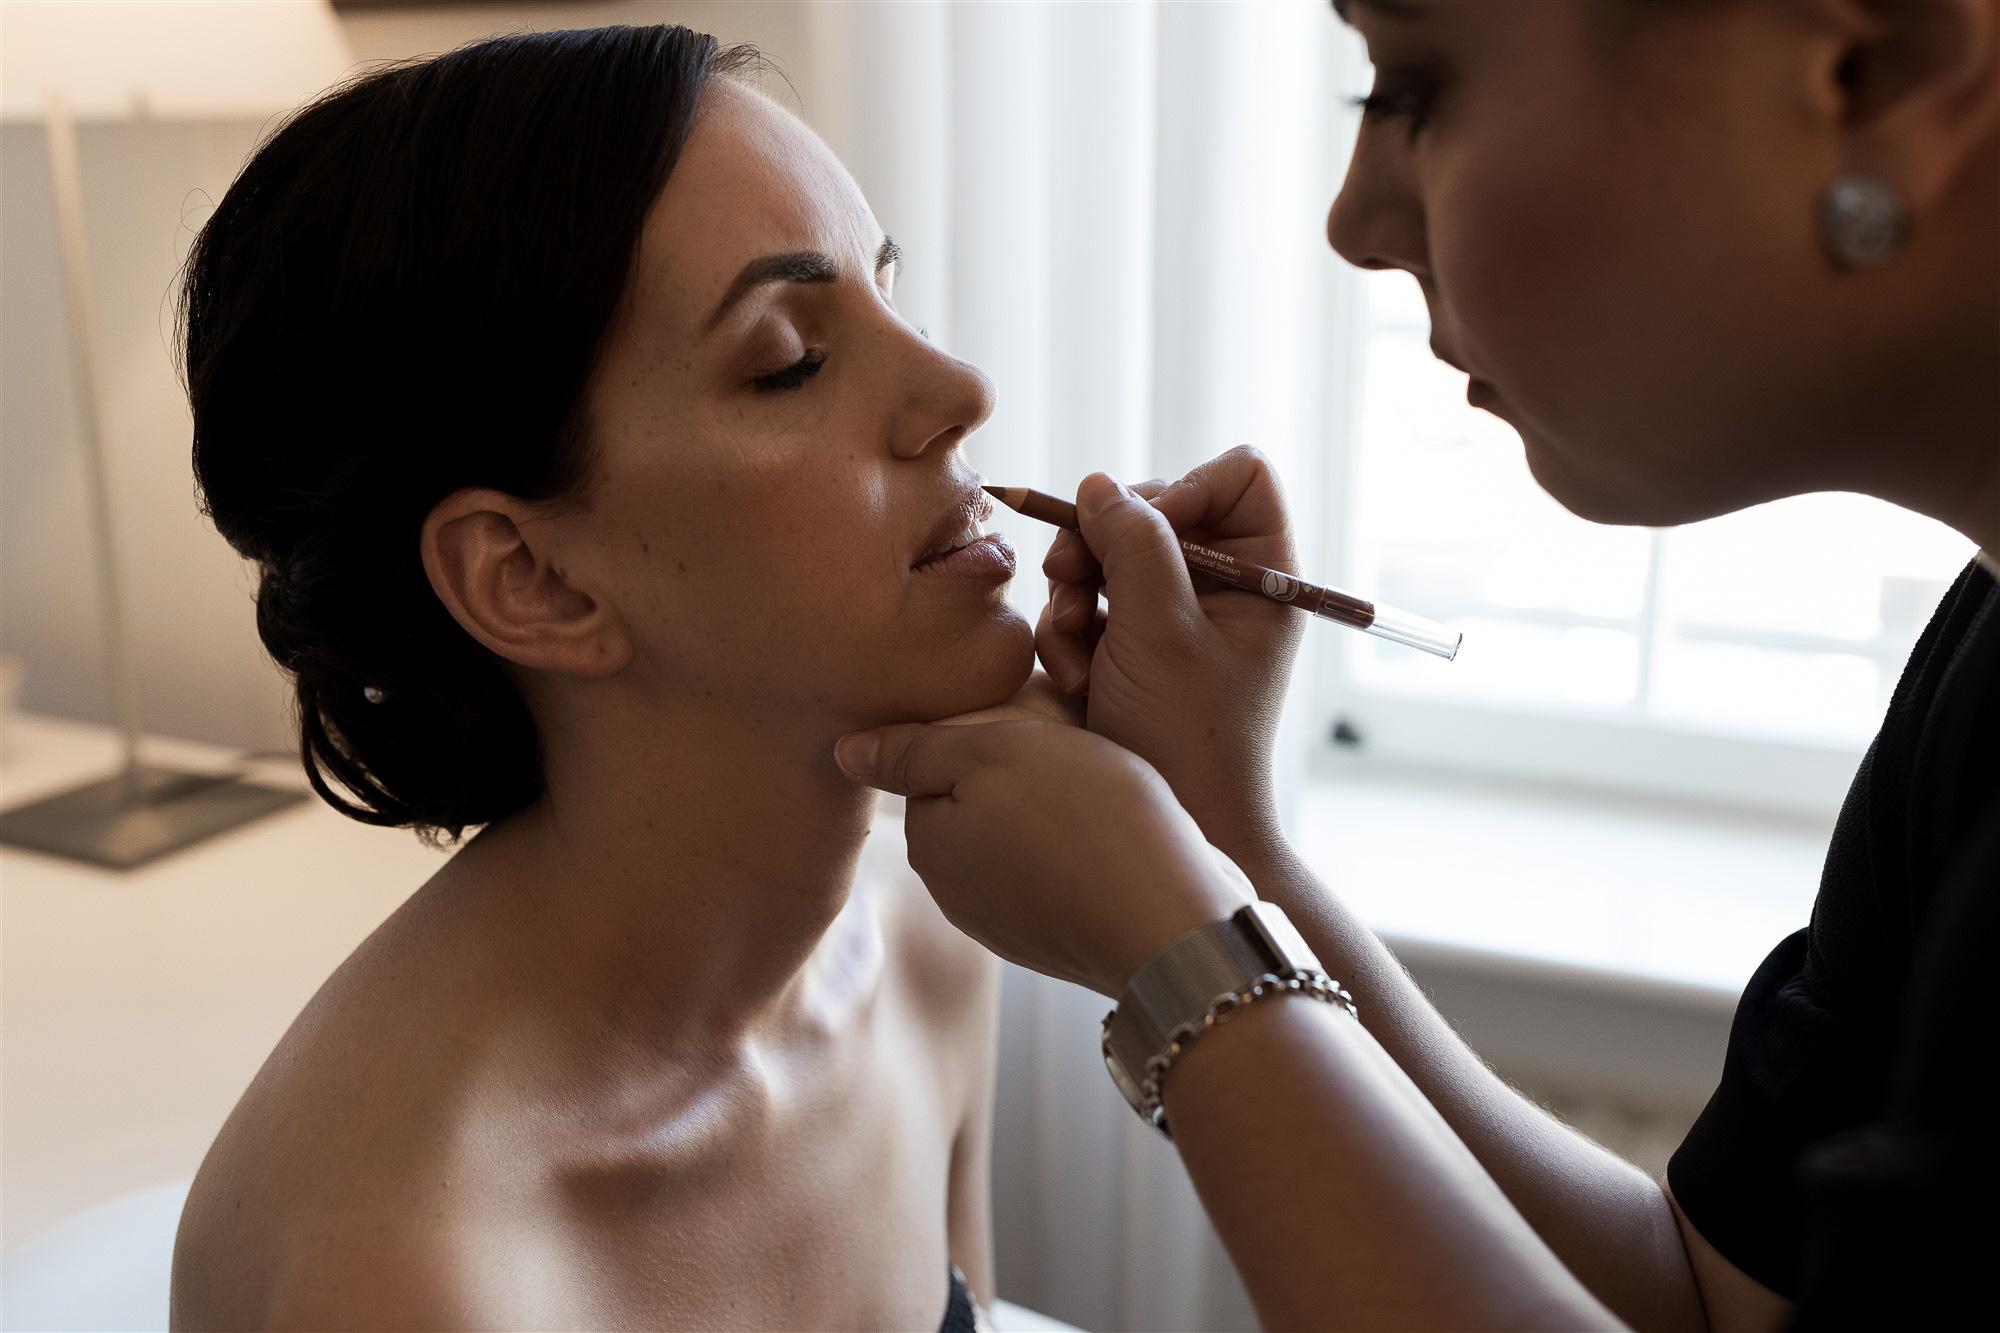 Hochzeit im Teufelhof in Basel - Die Vorbereitung der Braut im Hotelzimmer